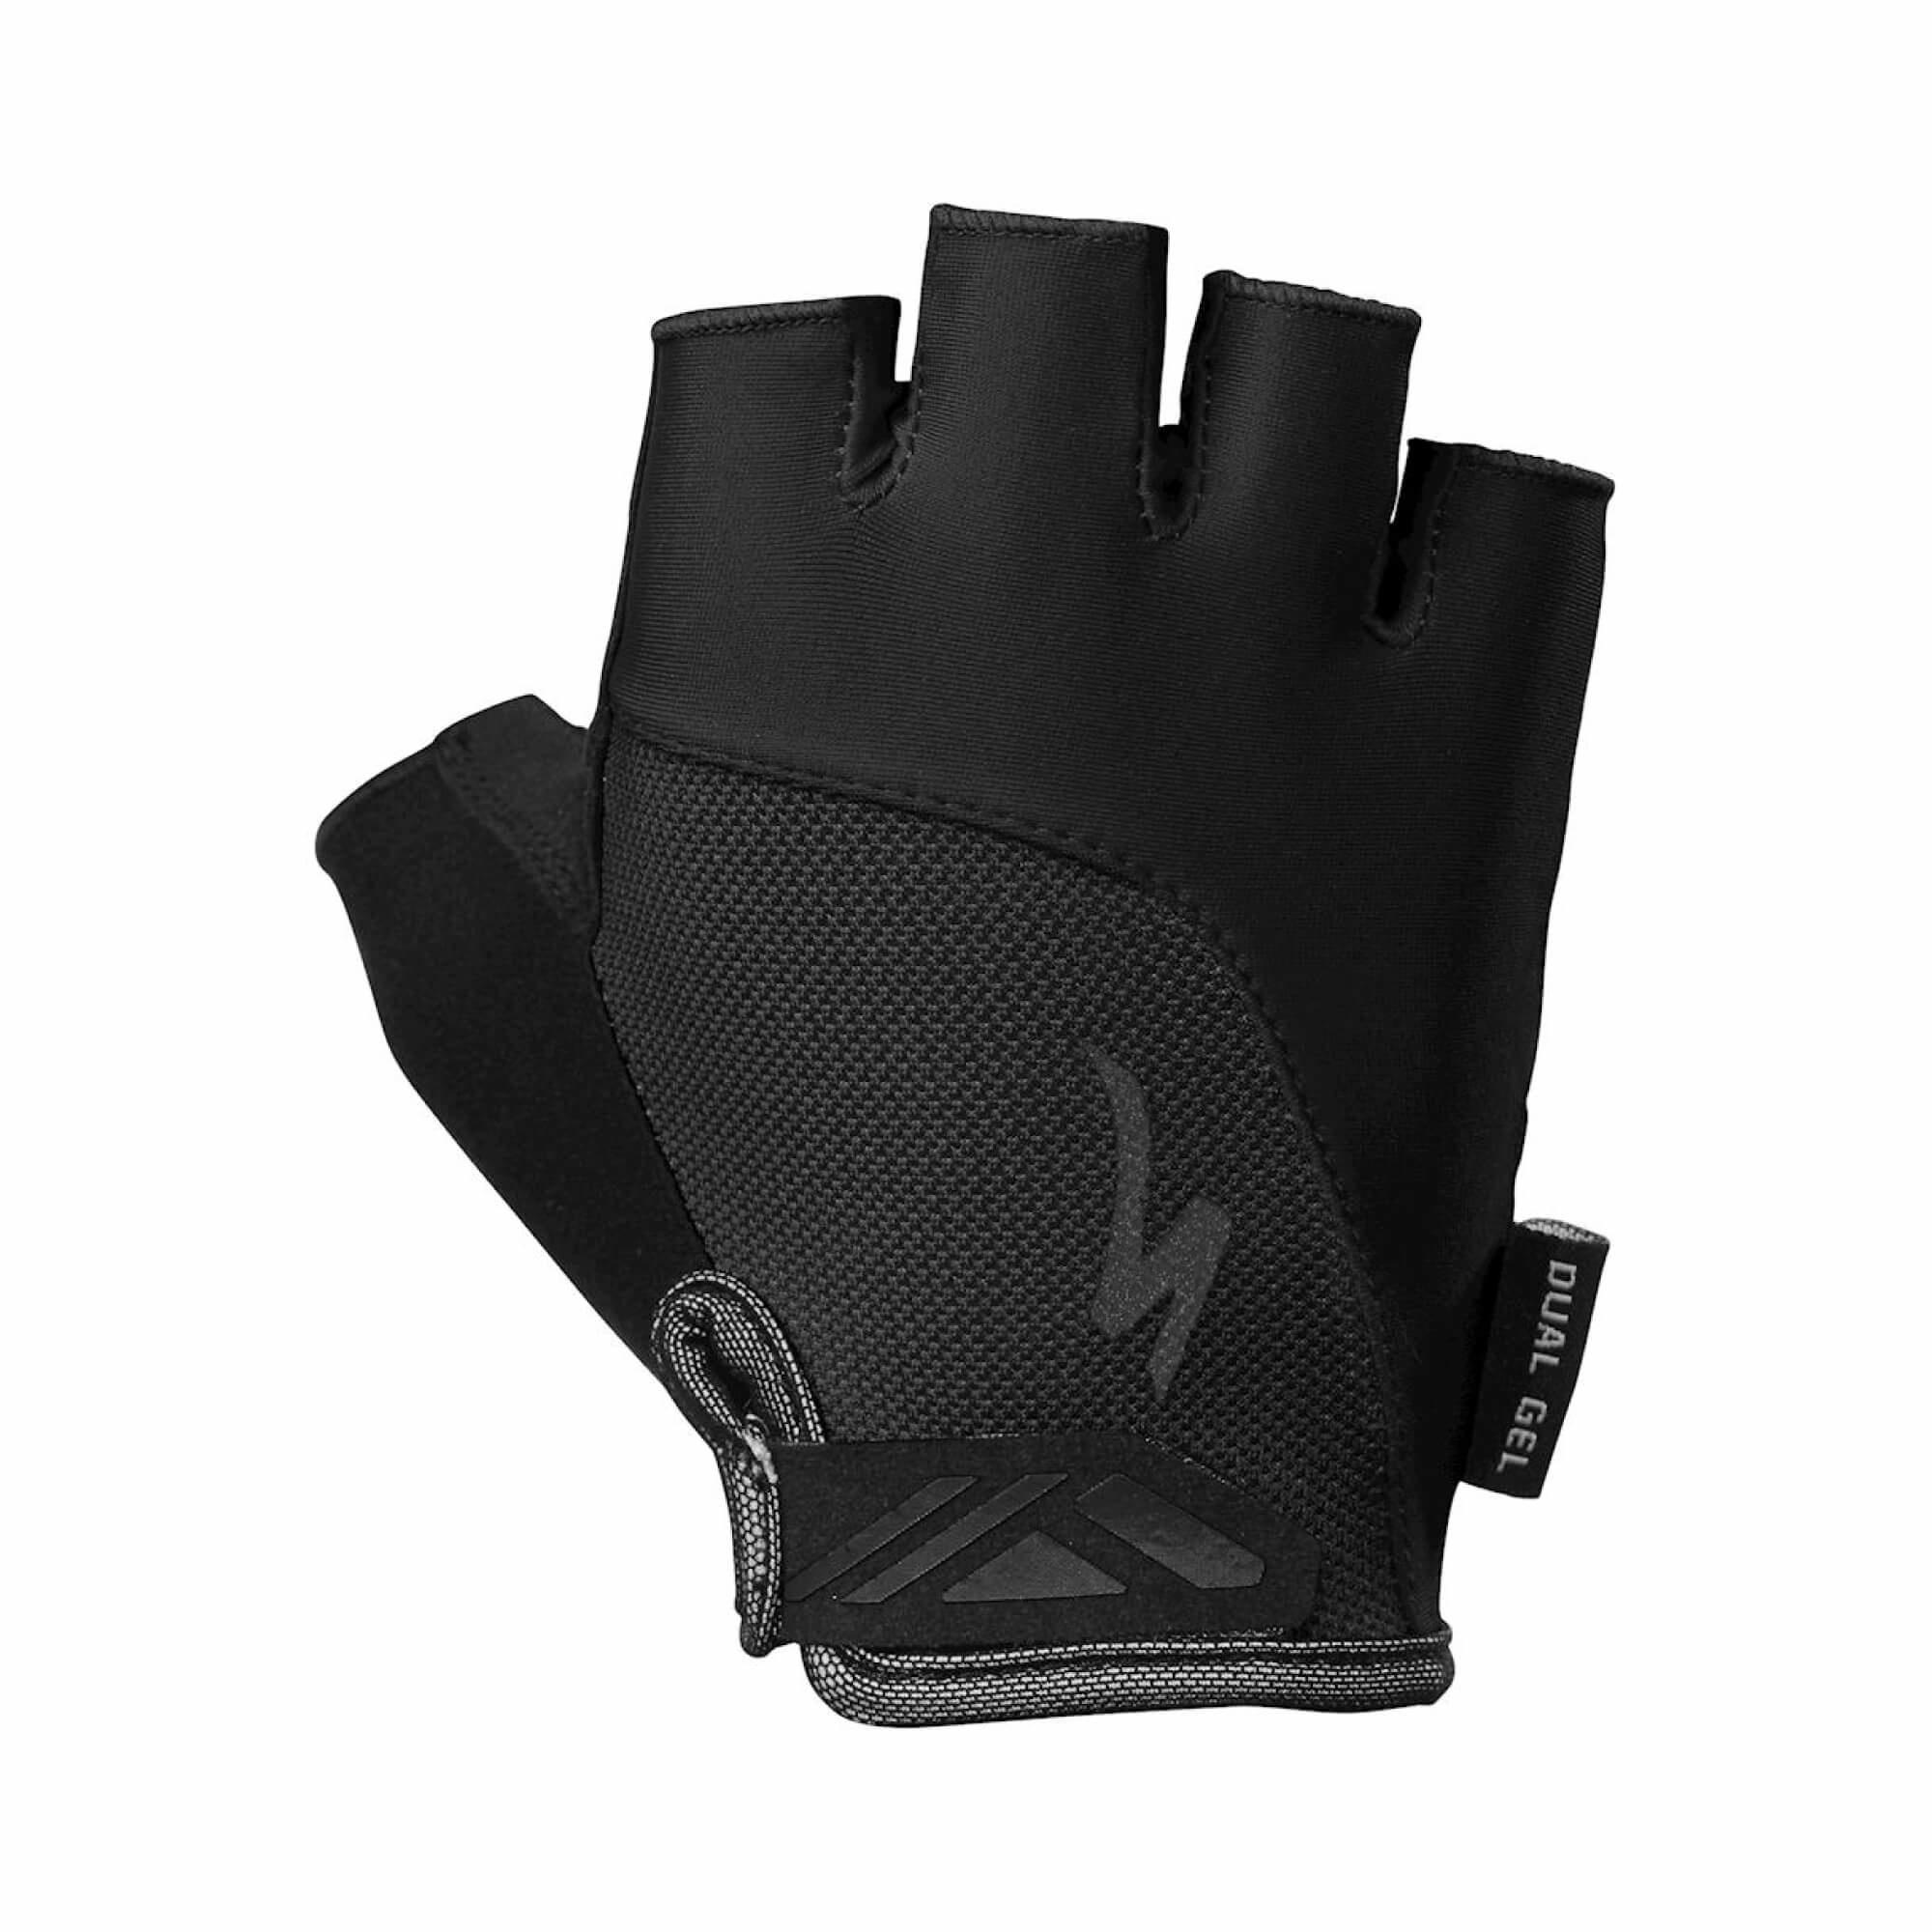 Body Geometry Dual Gel Glove Short Fingers Women-1